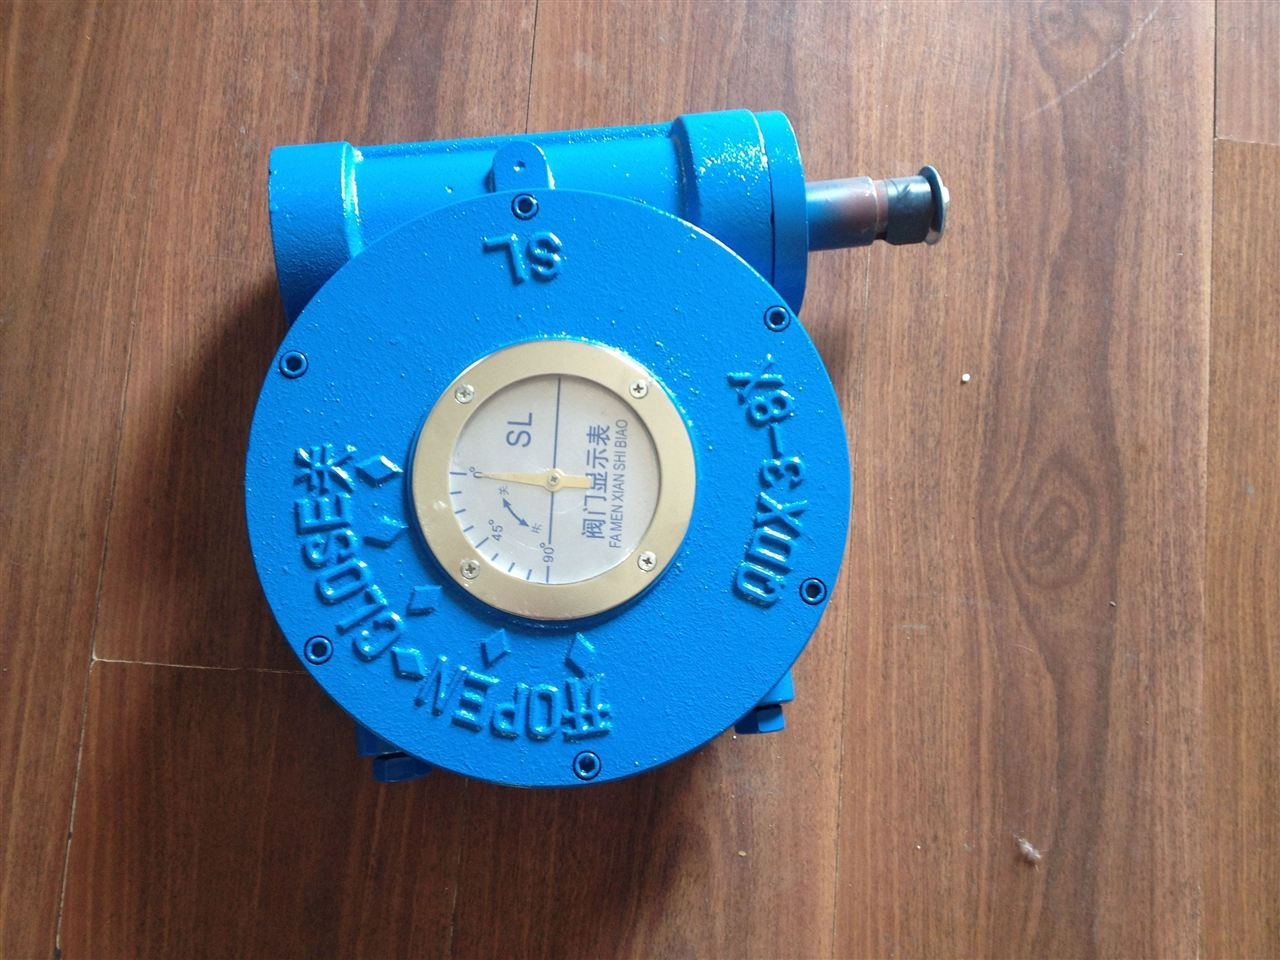 手动蜗轮执行器QDX3-6 QDX3-7 QDX3-8涡轮执行器